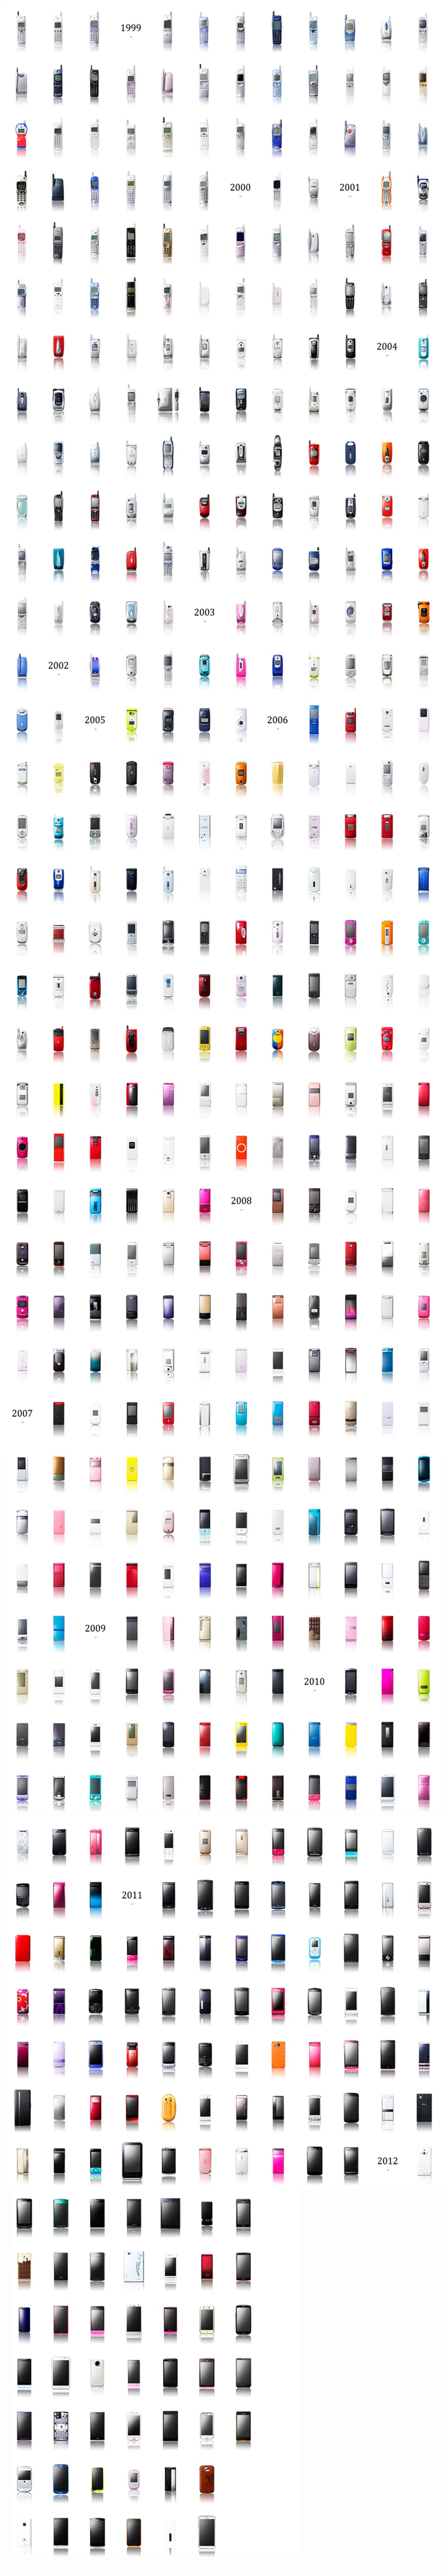 A evolução dos celulares em apenas uma imagem gigante